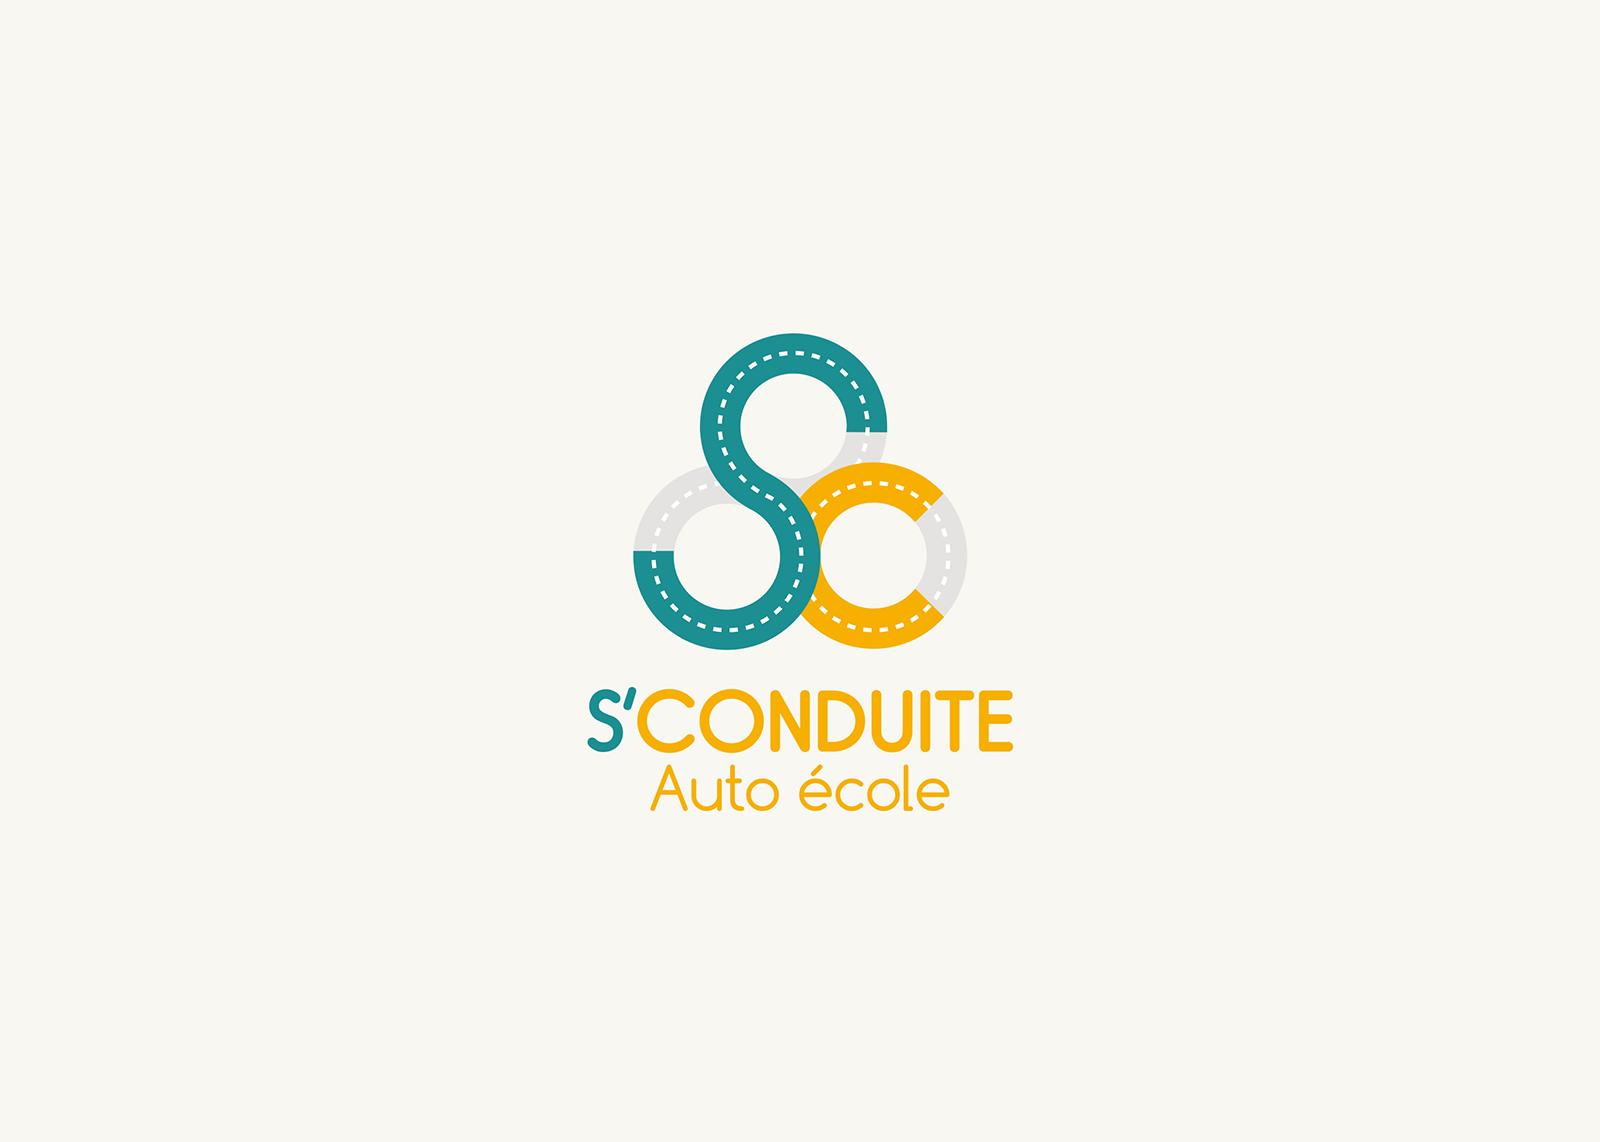 S'CONDUITE : Création logo et identité visuelle